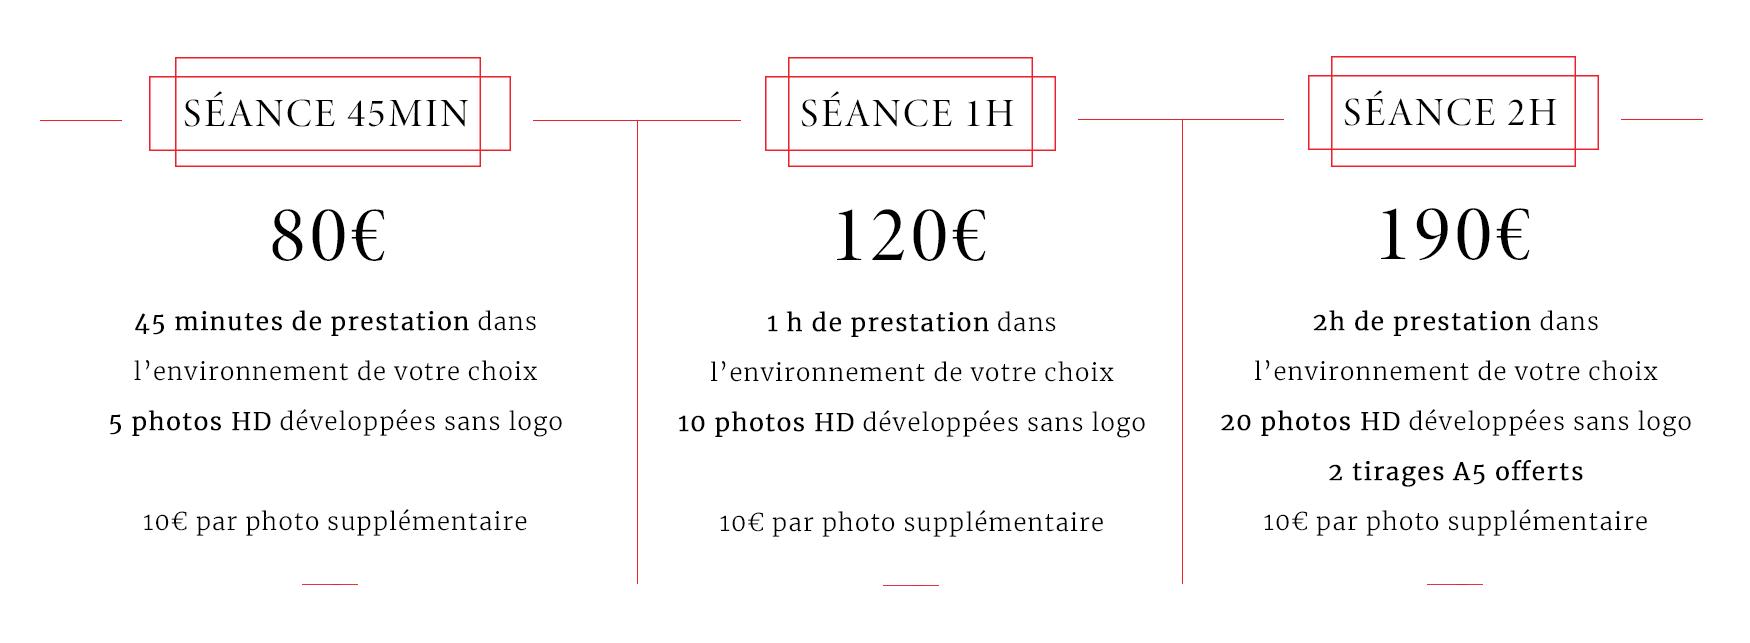 tarifs séance photo portrait 2019.png